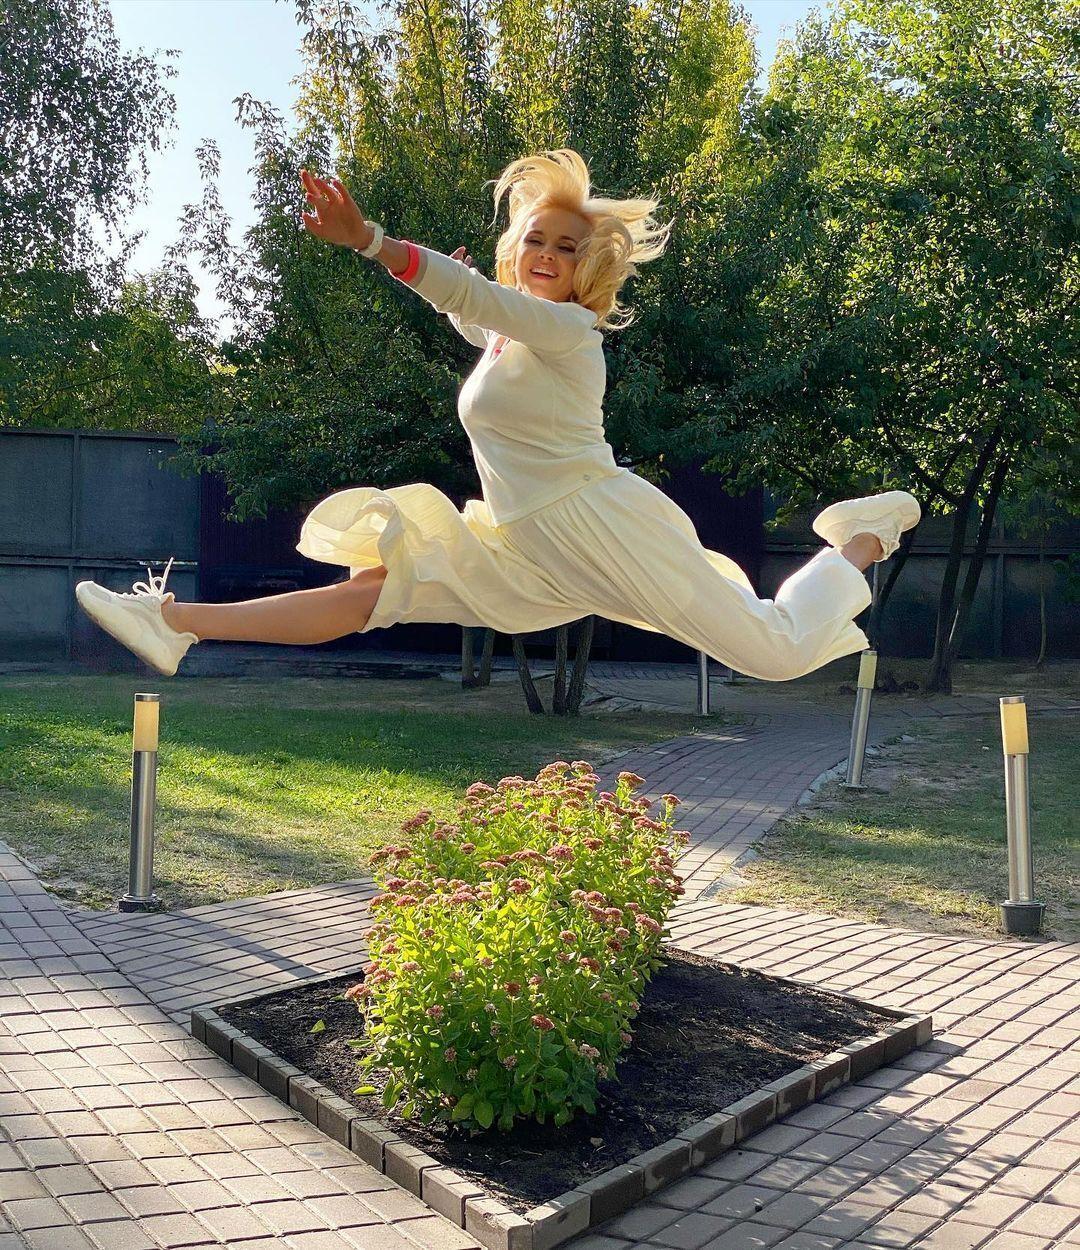 Лілія Ребрик часто демонструє в соцмережі свою розтяжку і спортивну форму